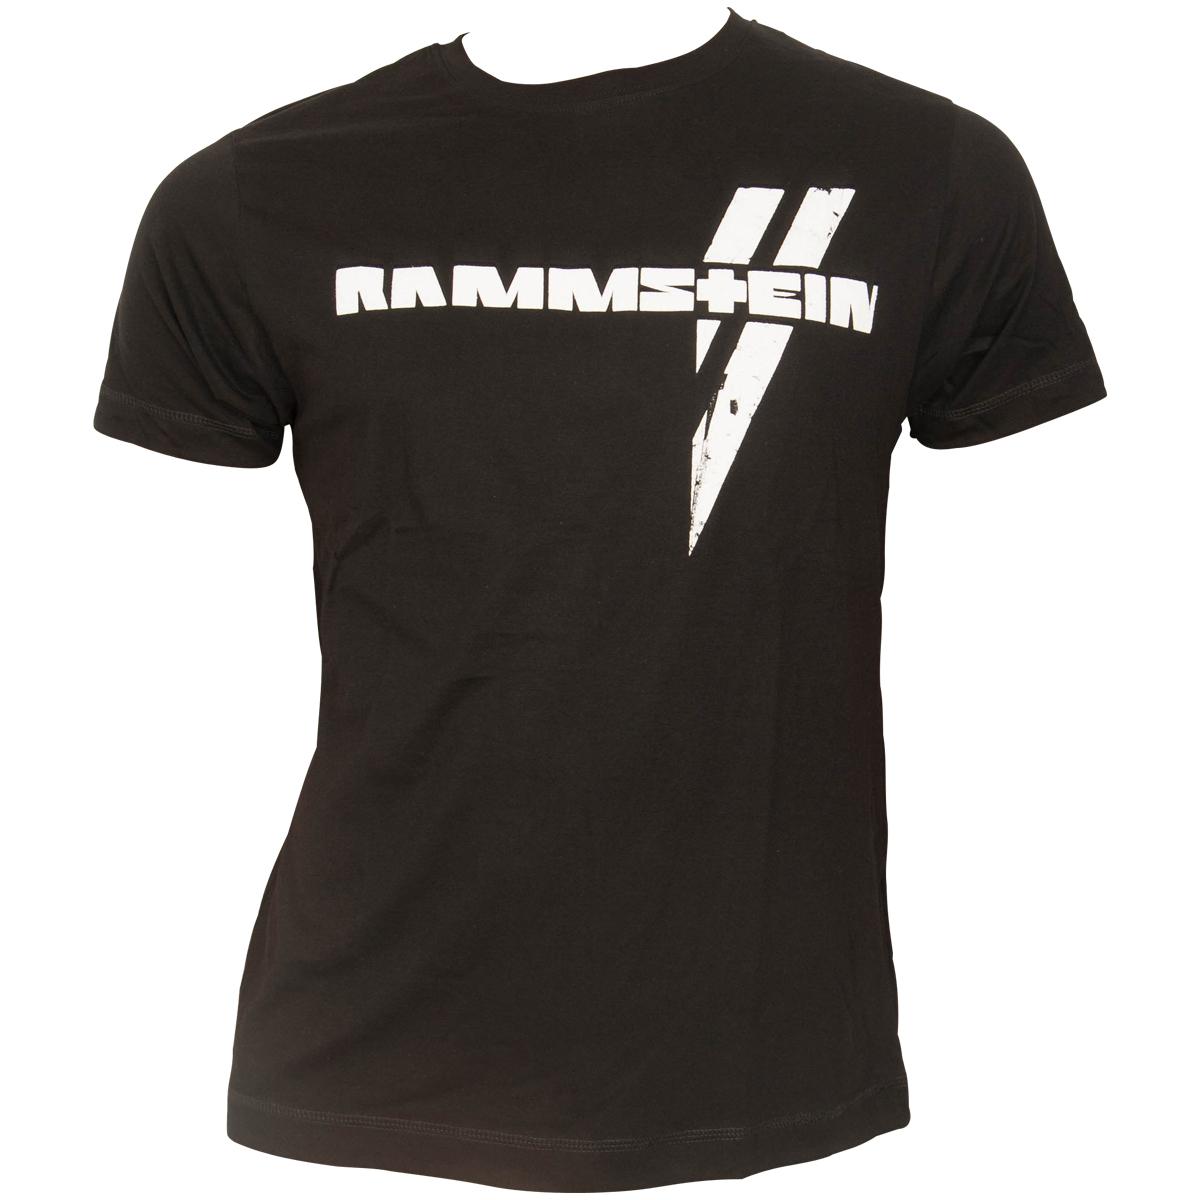 Rammstein - T-Shirt Weißer Balken - schwarz